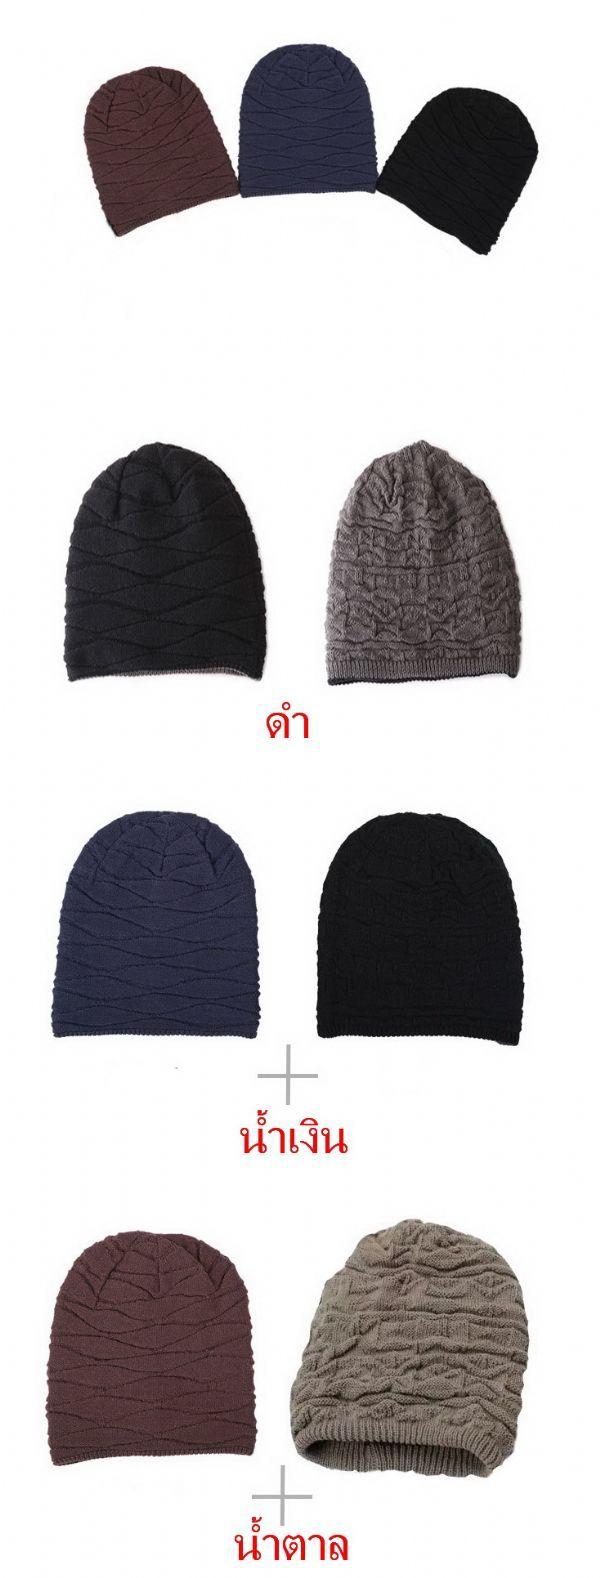 เสื้อผ้าผู้ชาย : หมวกนิตต์ใส่ได้ 2 ด้าน 2 แบบ